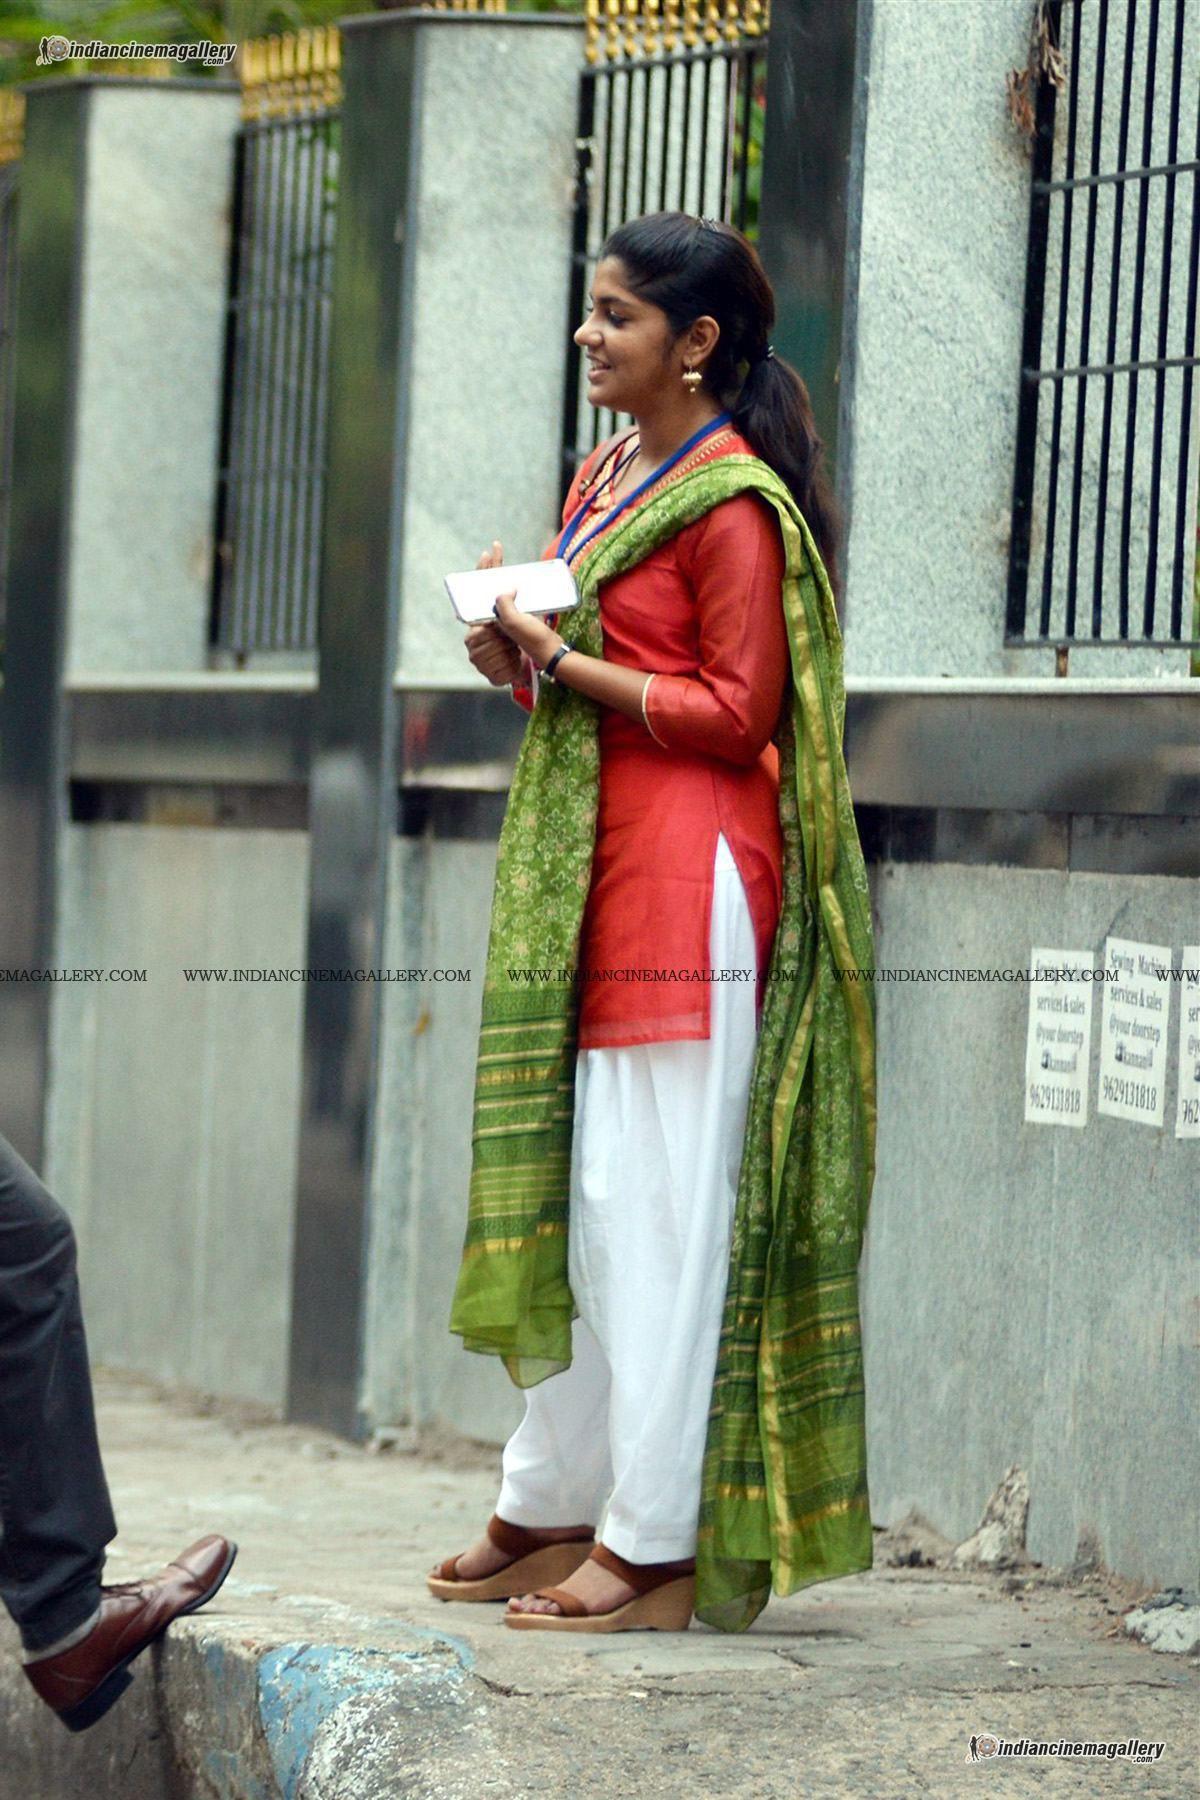 Aparna Balamurali In 8 Thottakkal 4 1910 Jpg 1200 1800 Actresses Actress Photos Indian Actresses